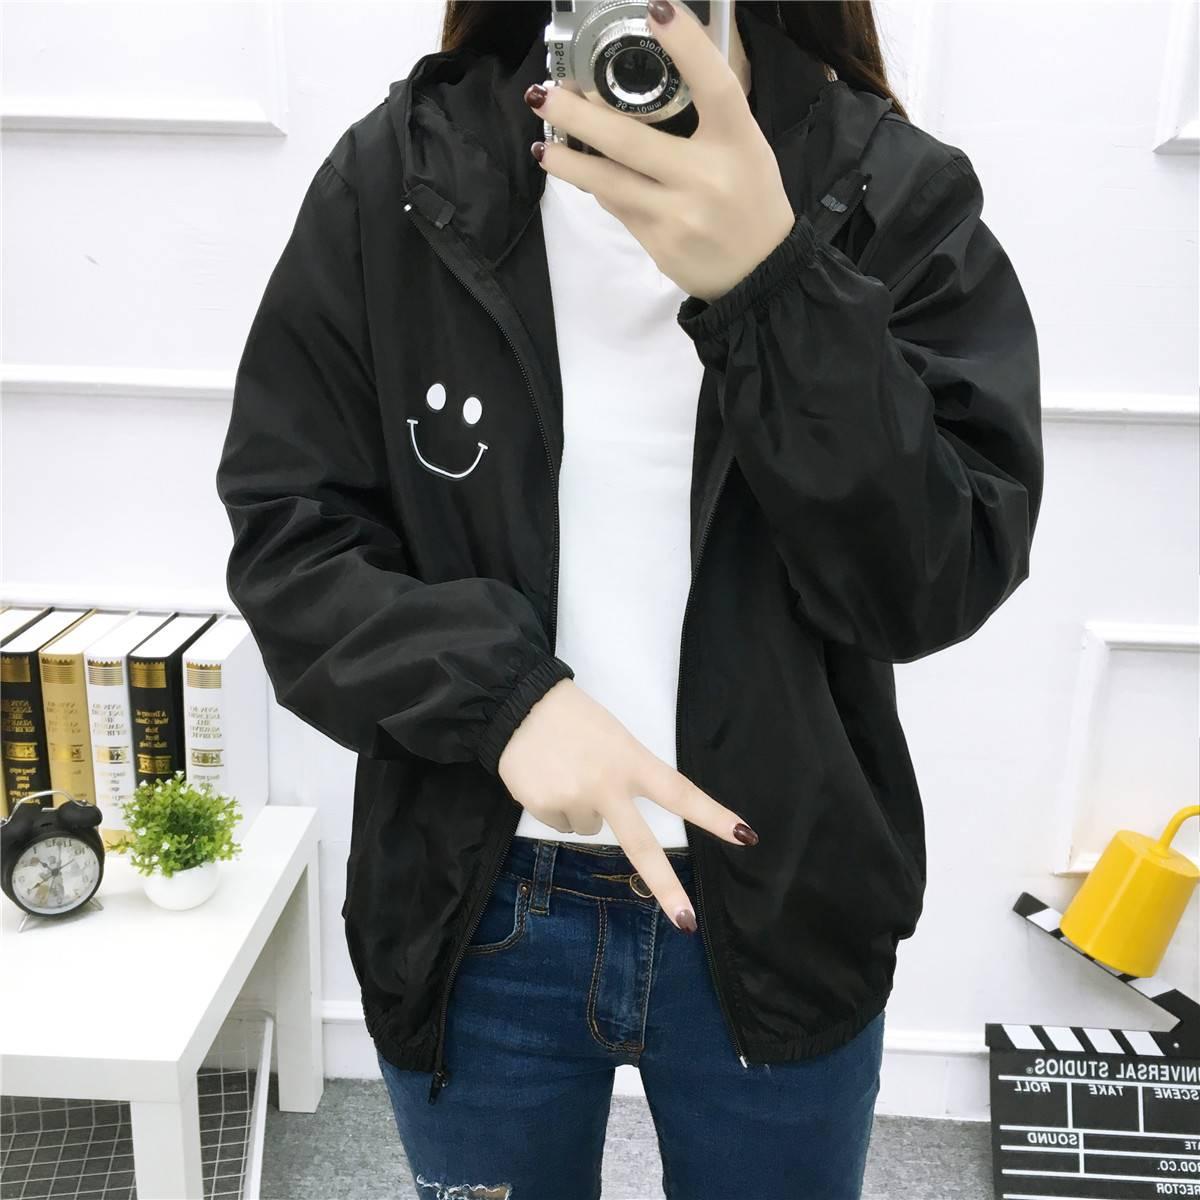 เสื้อคลุมแฟชั่น มีฮูด แขนยาว ผ้าร่ม ลาย smile สีดำ